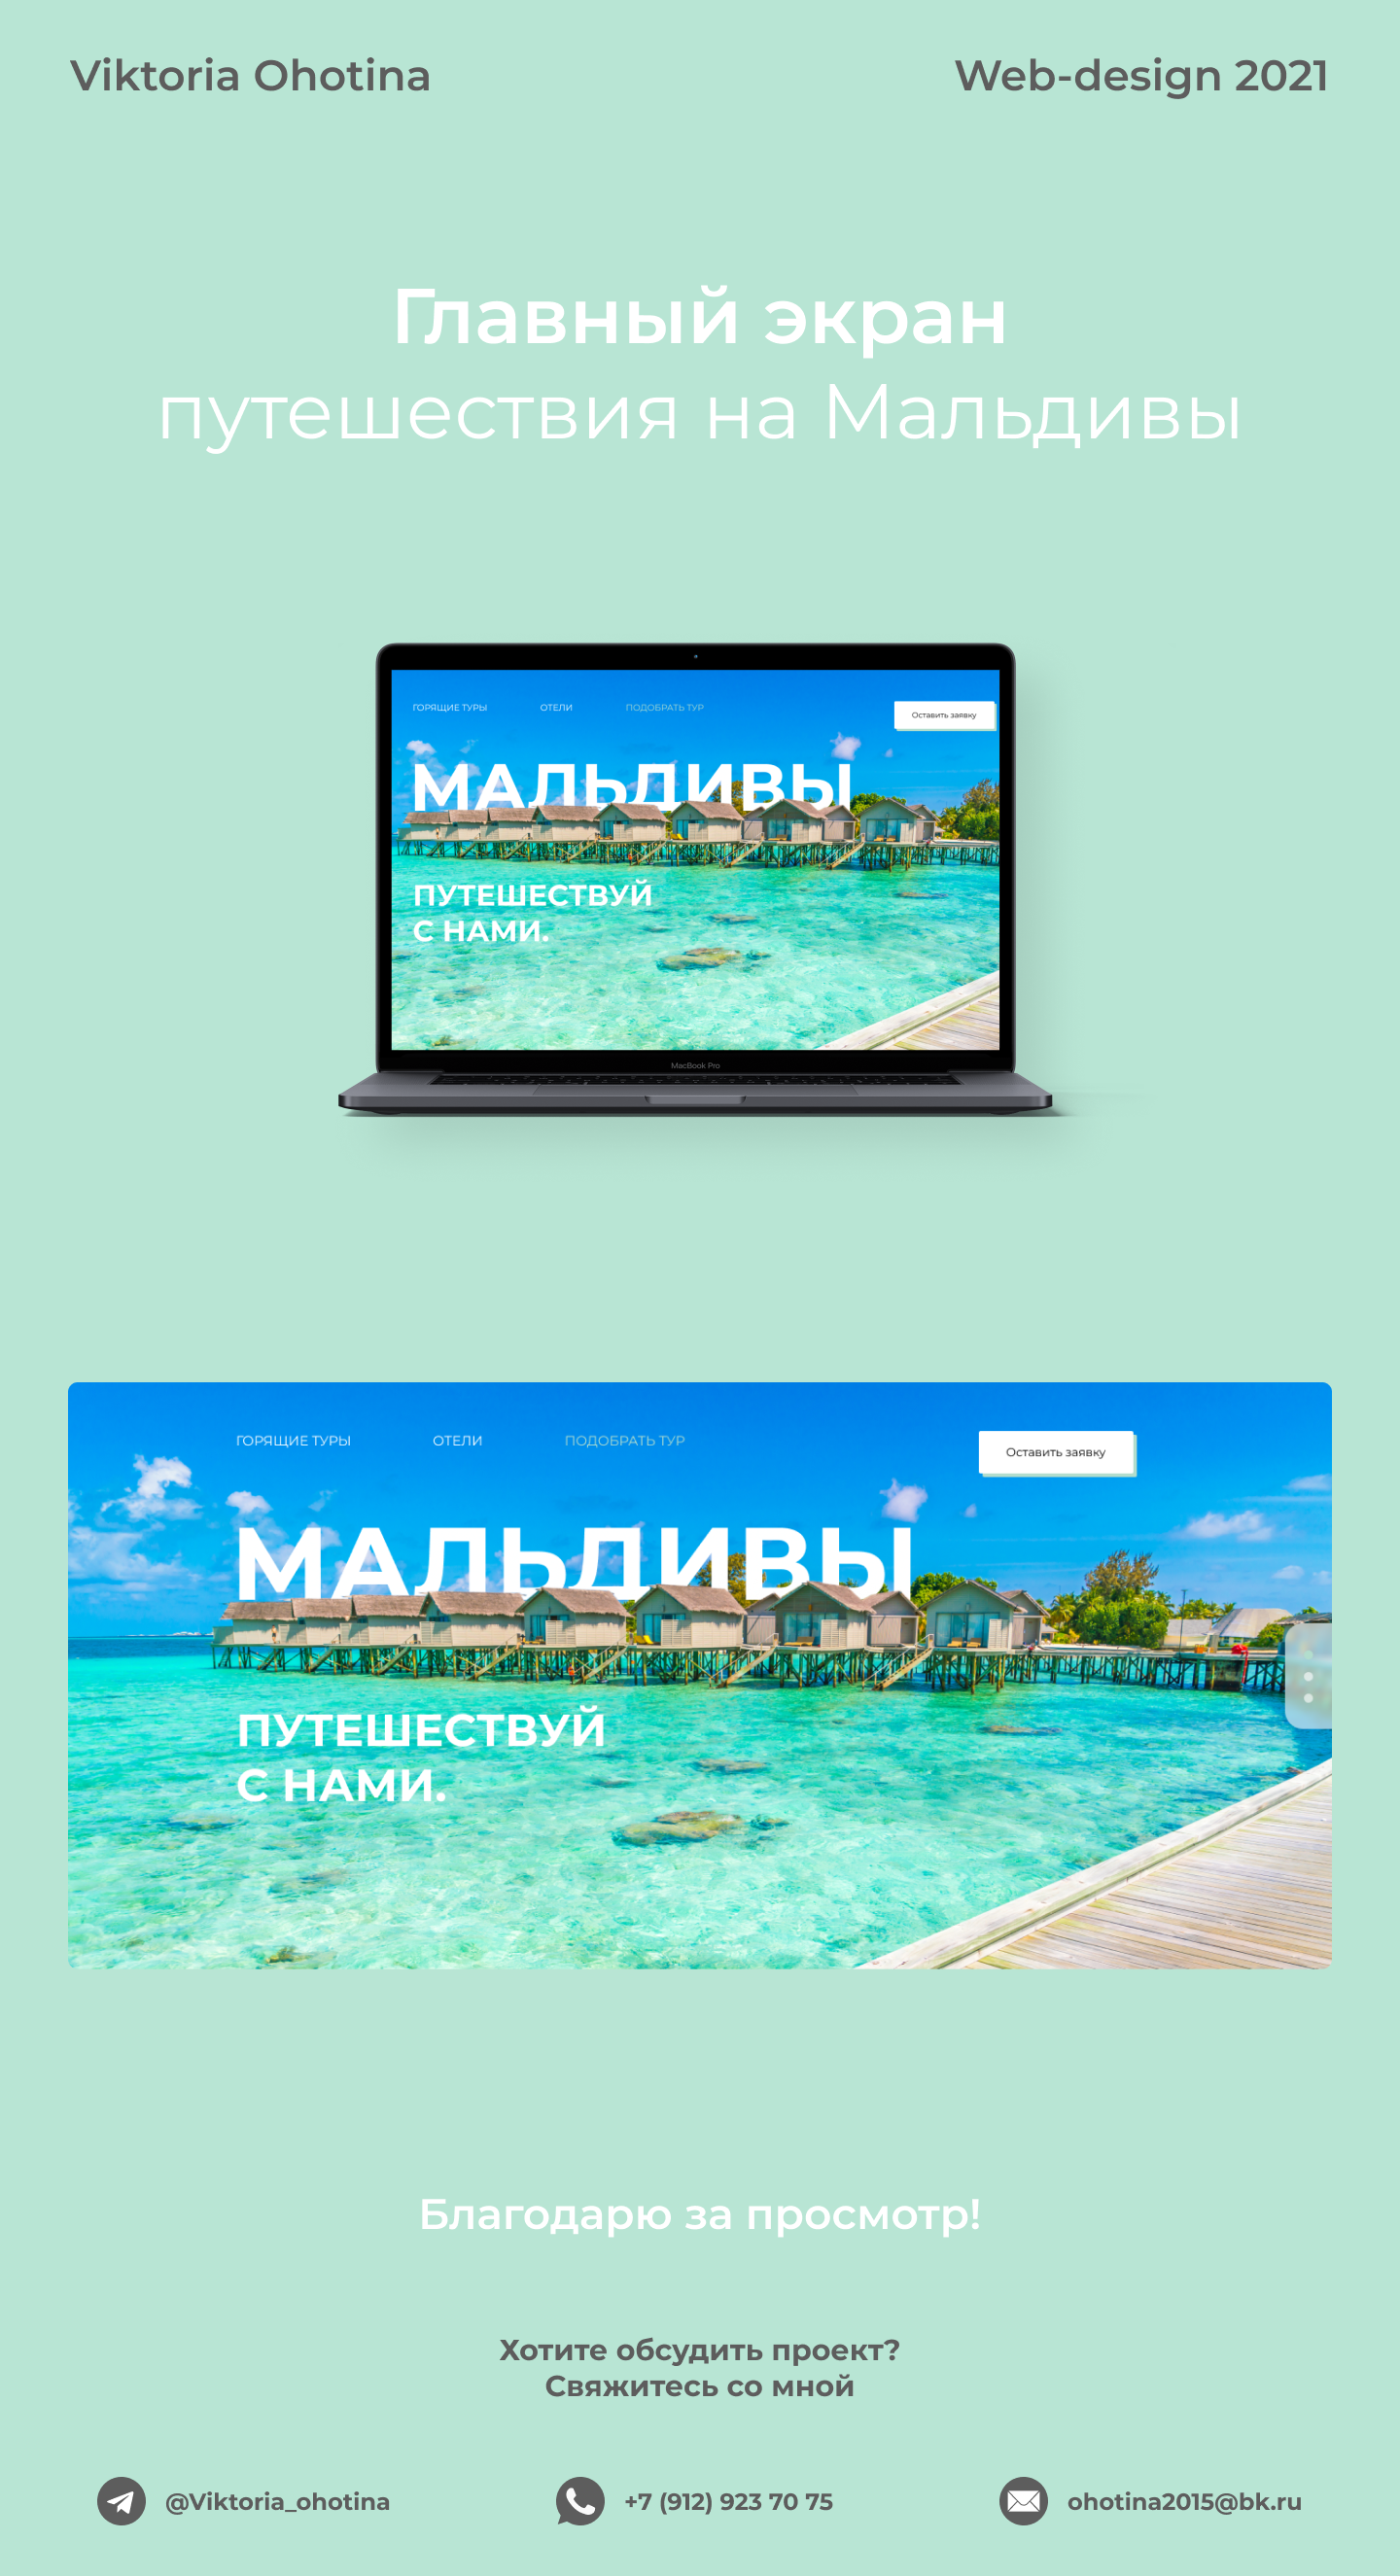 Дизайн главного экрана для продажи туров на Мальдивы